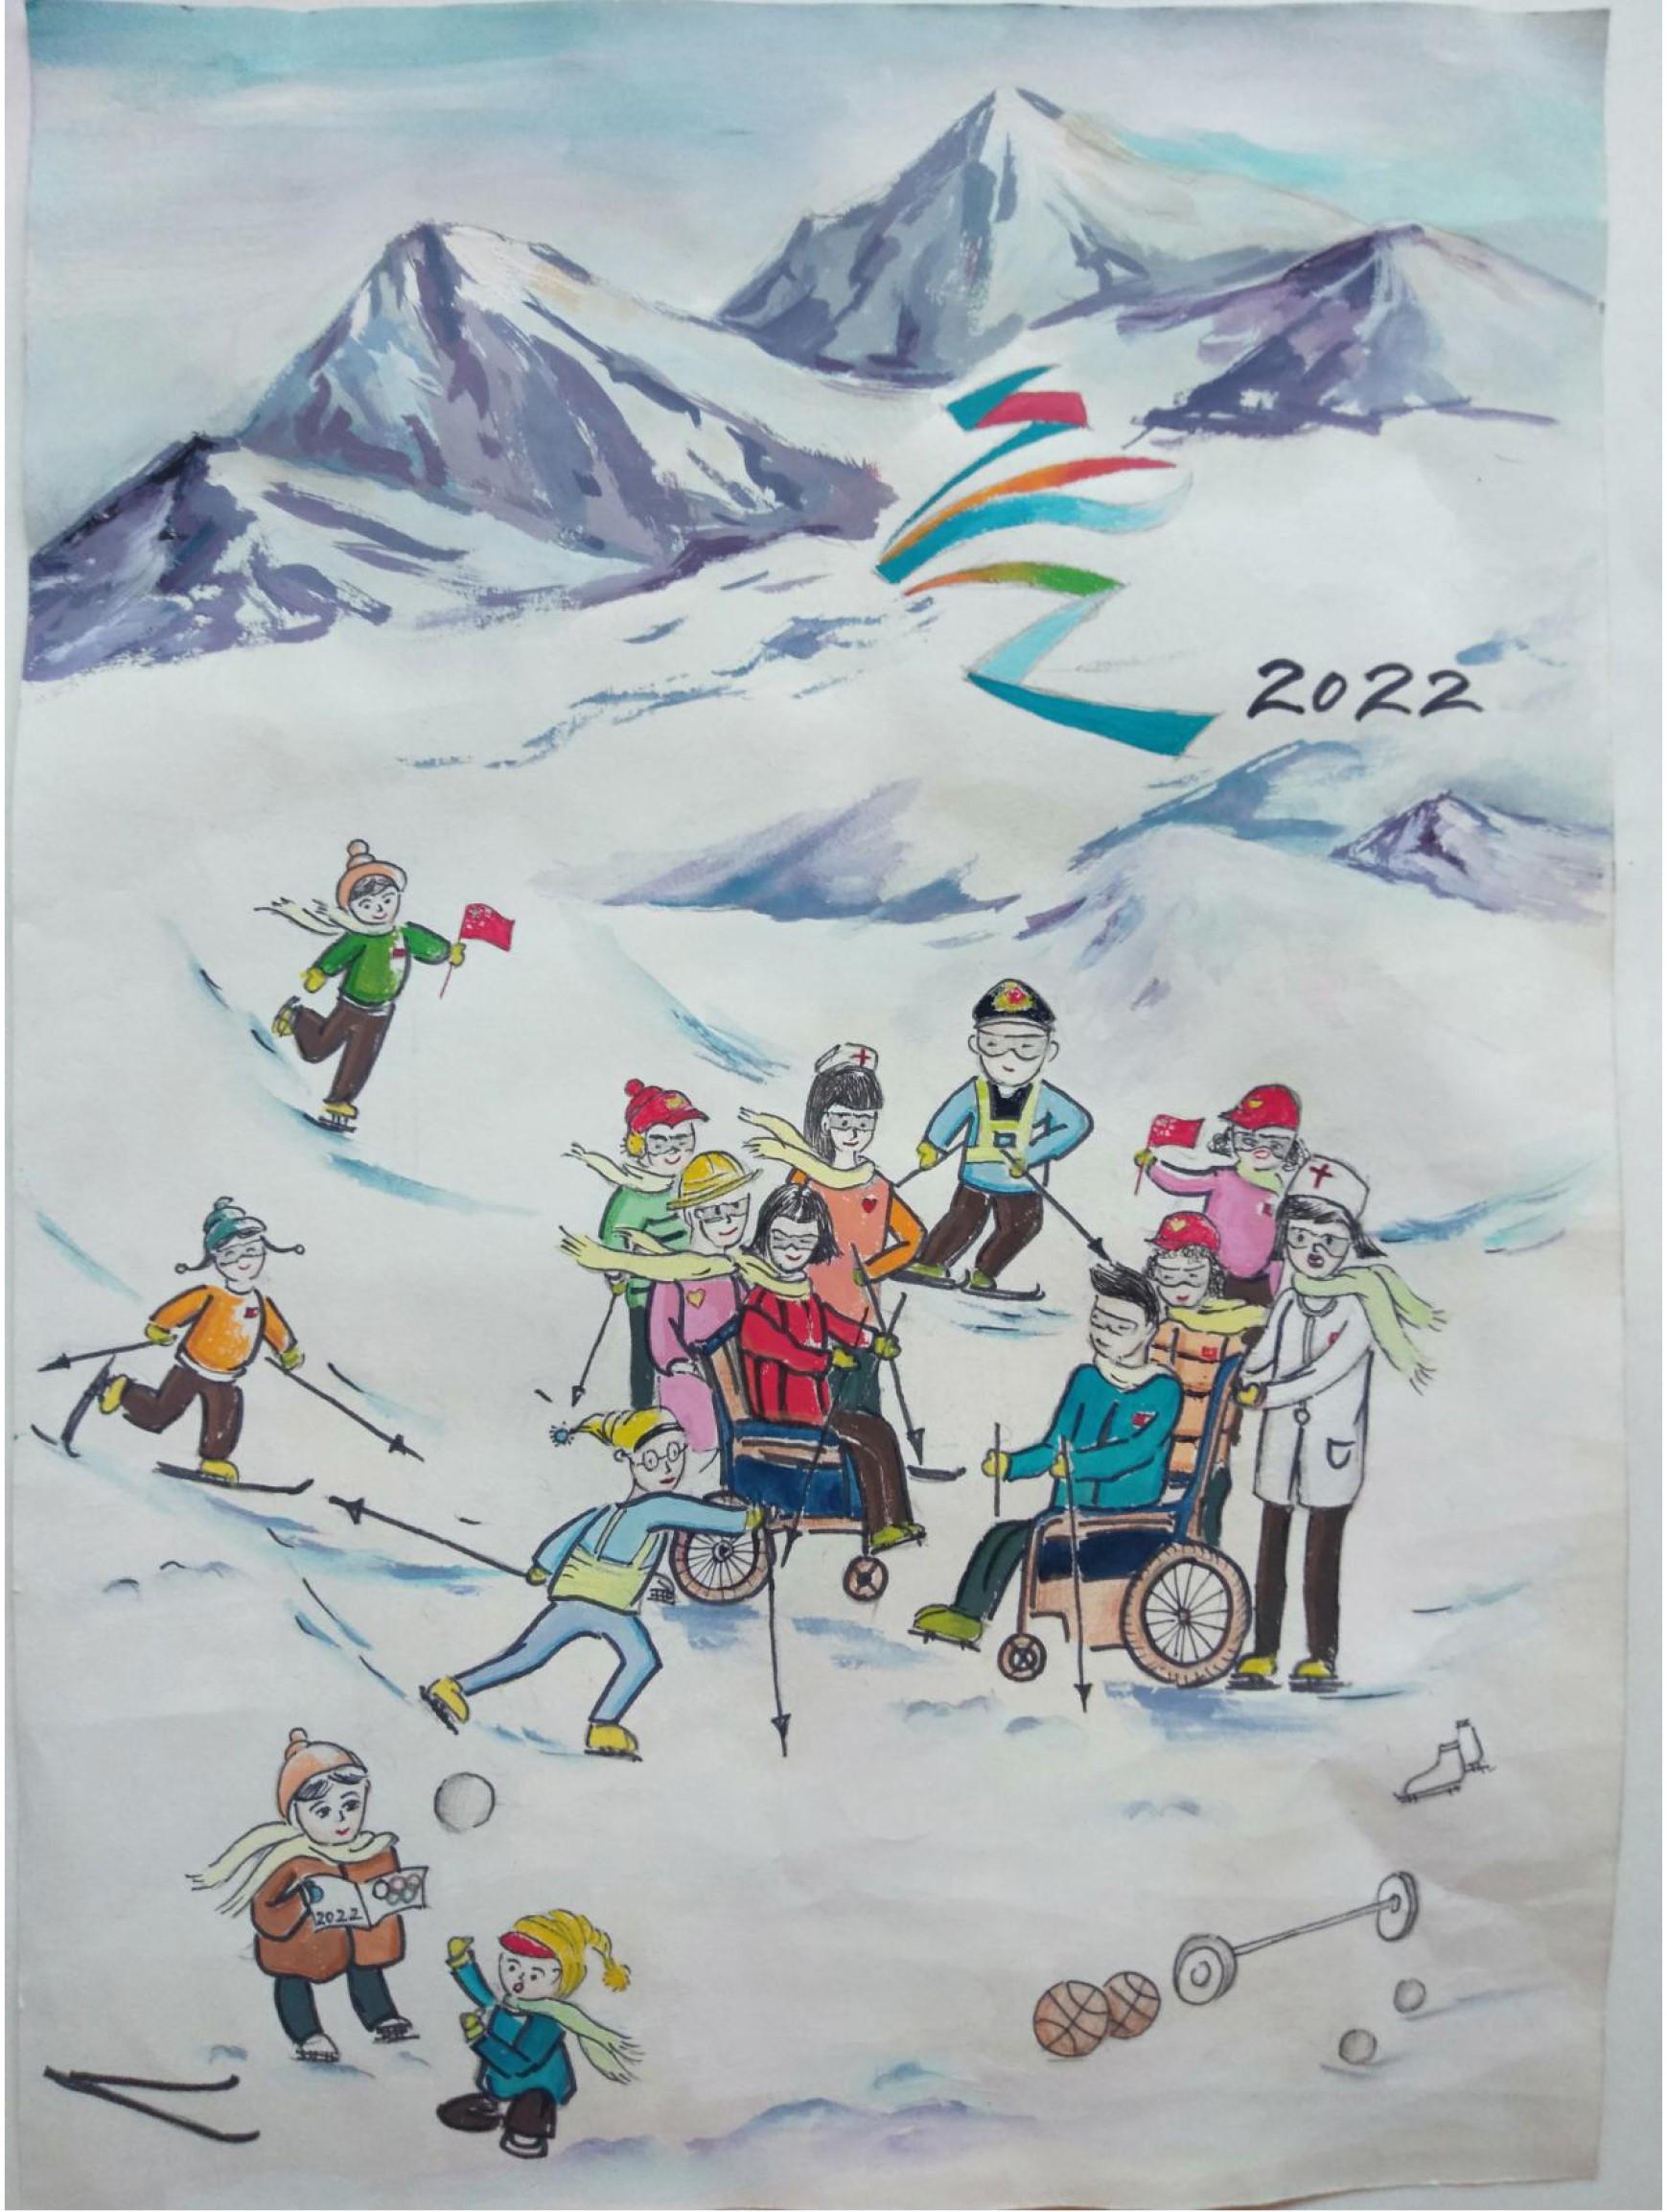 全民奥运 Olympics For Mass 陈伊纯 Chen Yichun+12+15181026619